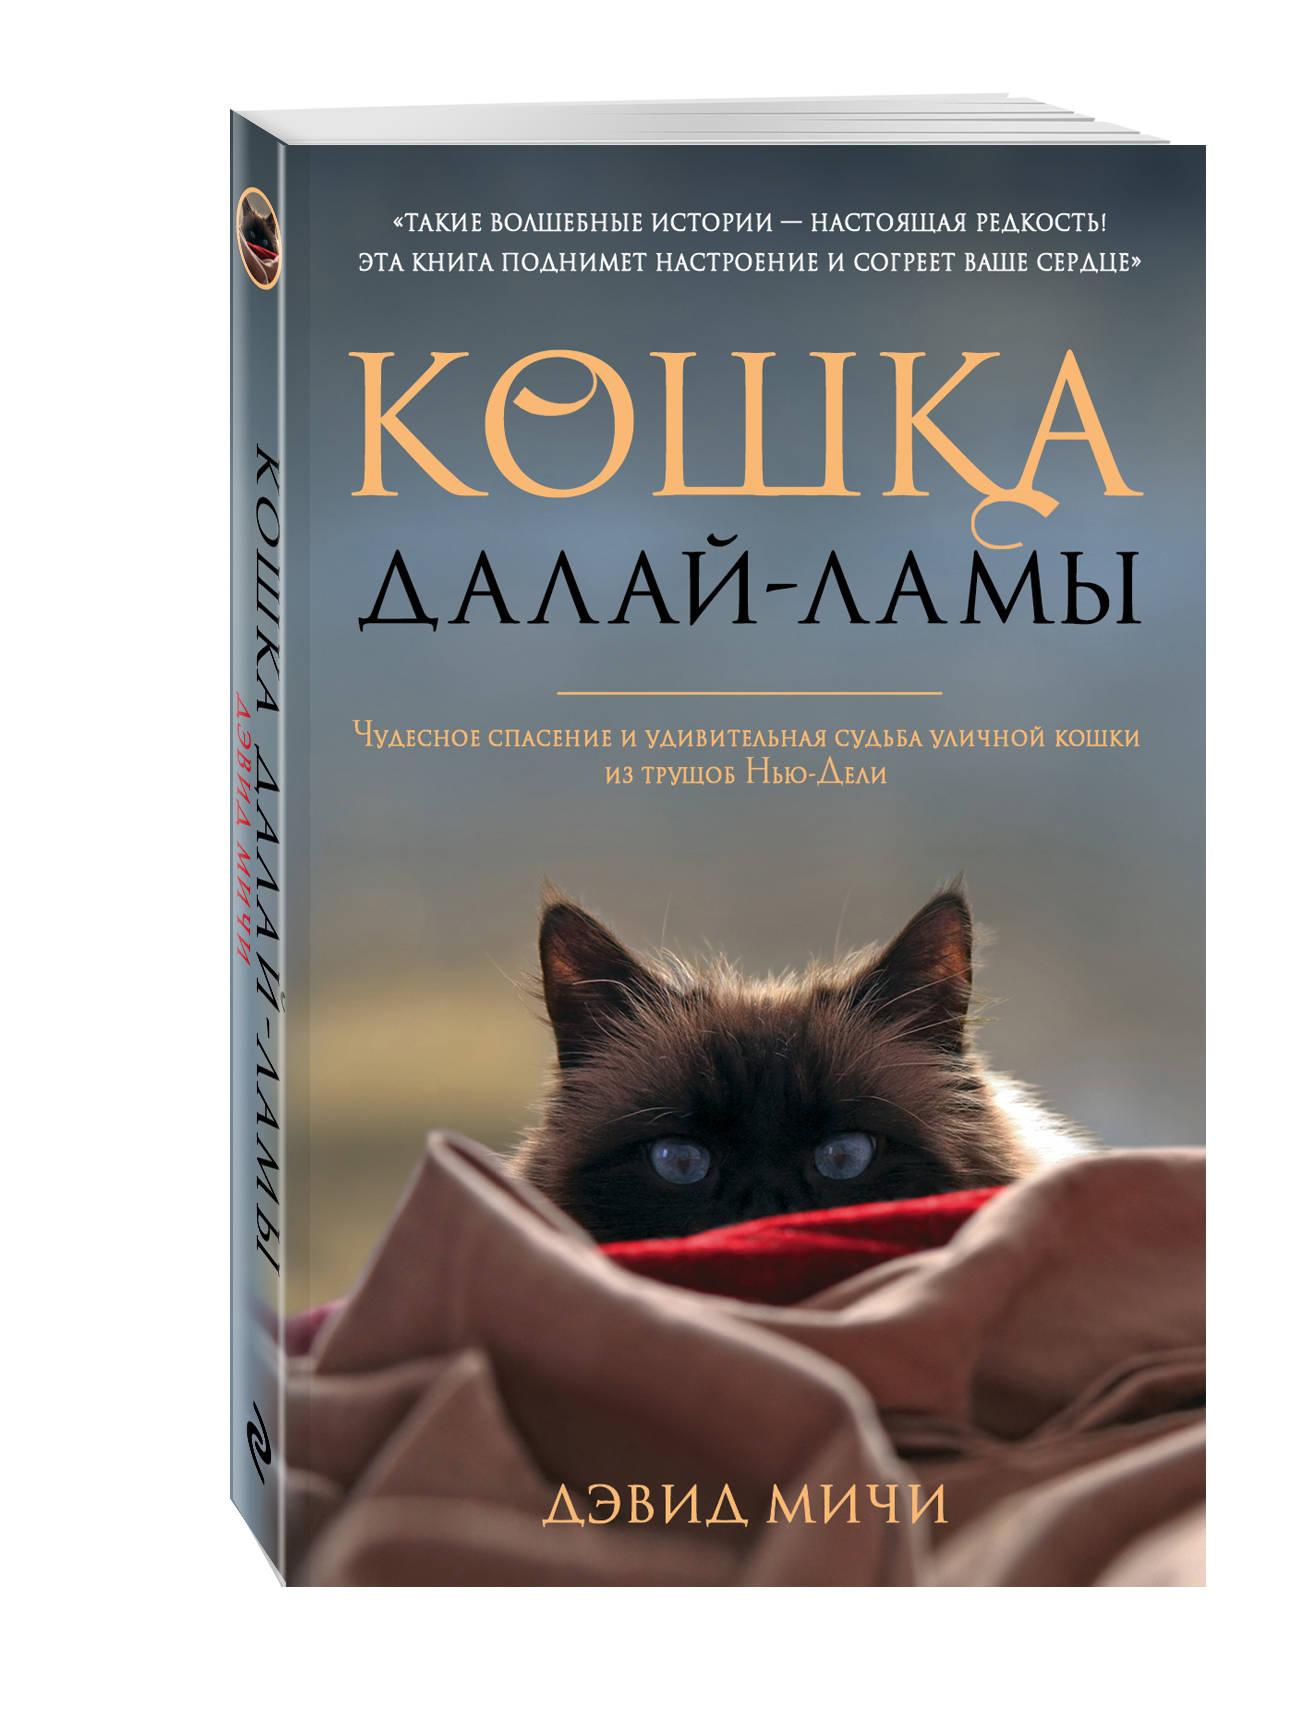 Мичи Д. Кошка Далай-Ламы. Чудесное спасение и удивительная судьба уличной кошки из трущоб Нью-Дели (покет) etude mici